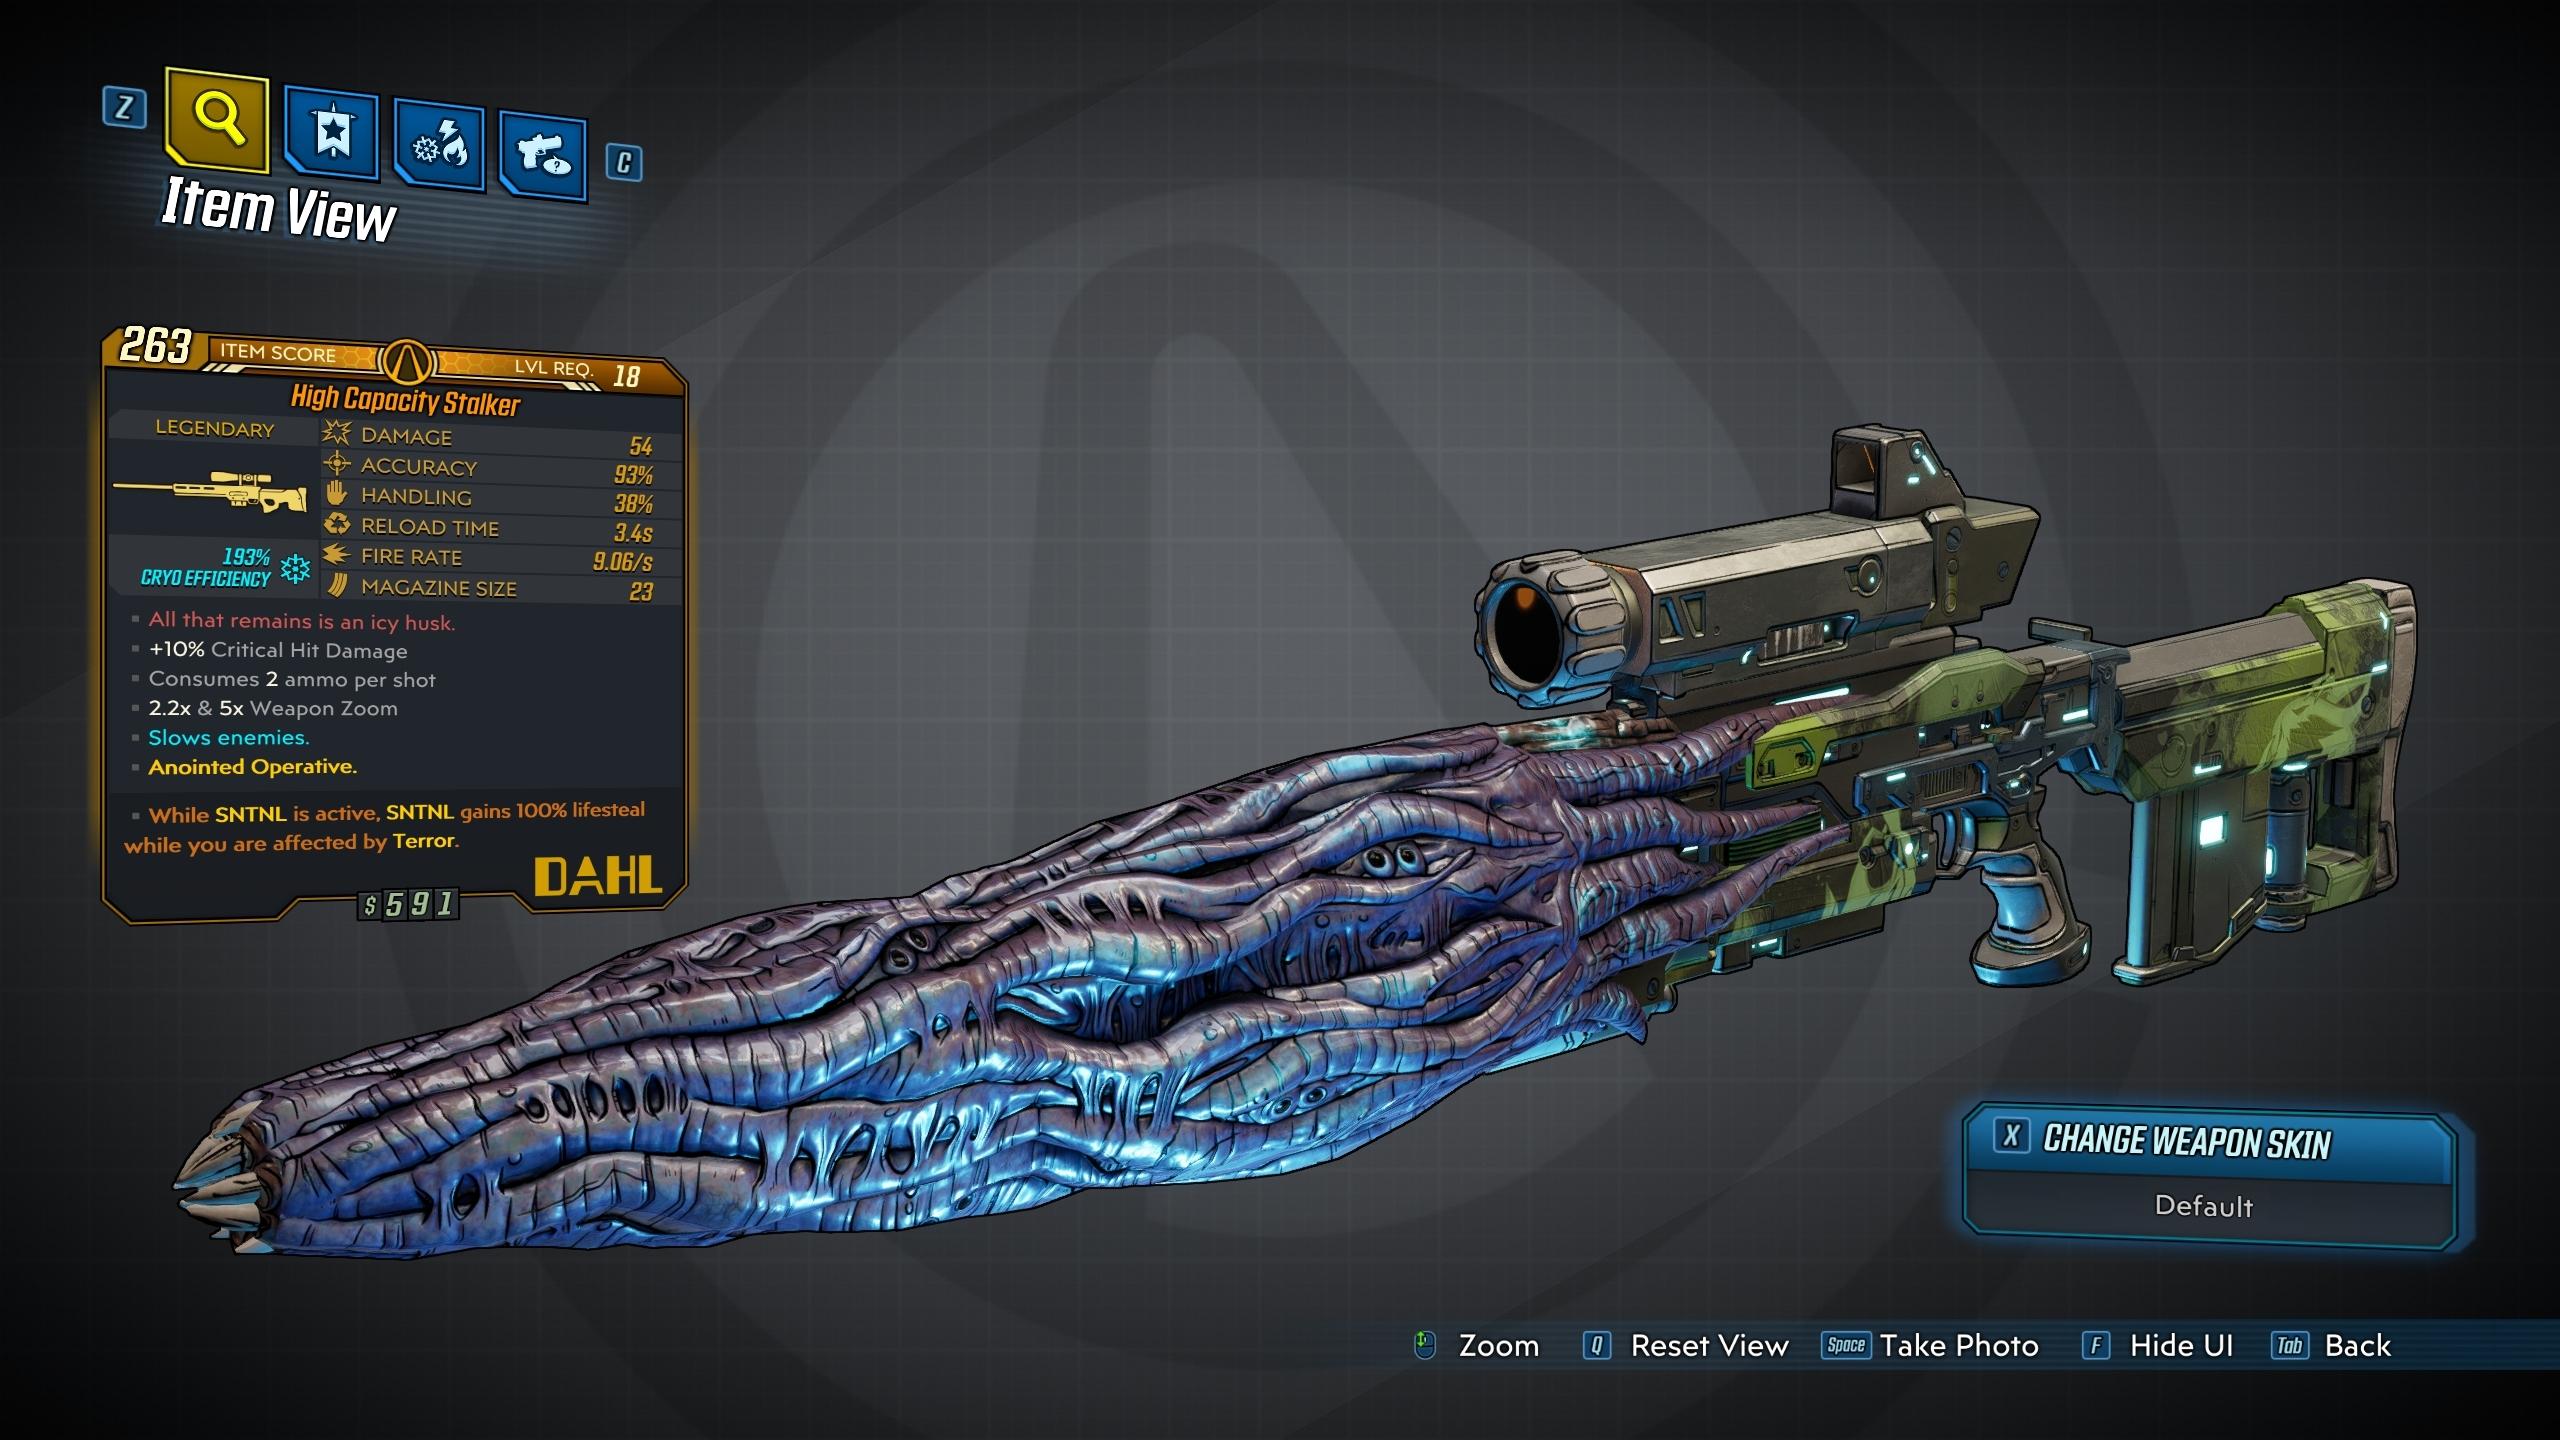 Stalker (sniper rifle)